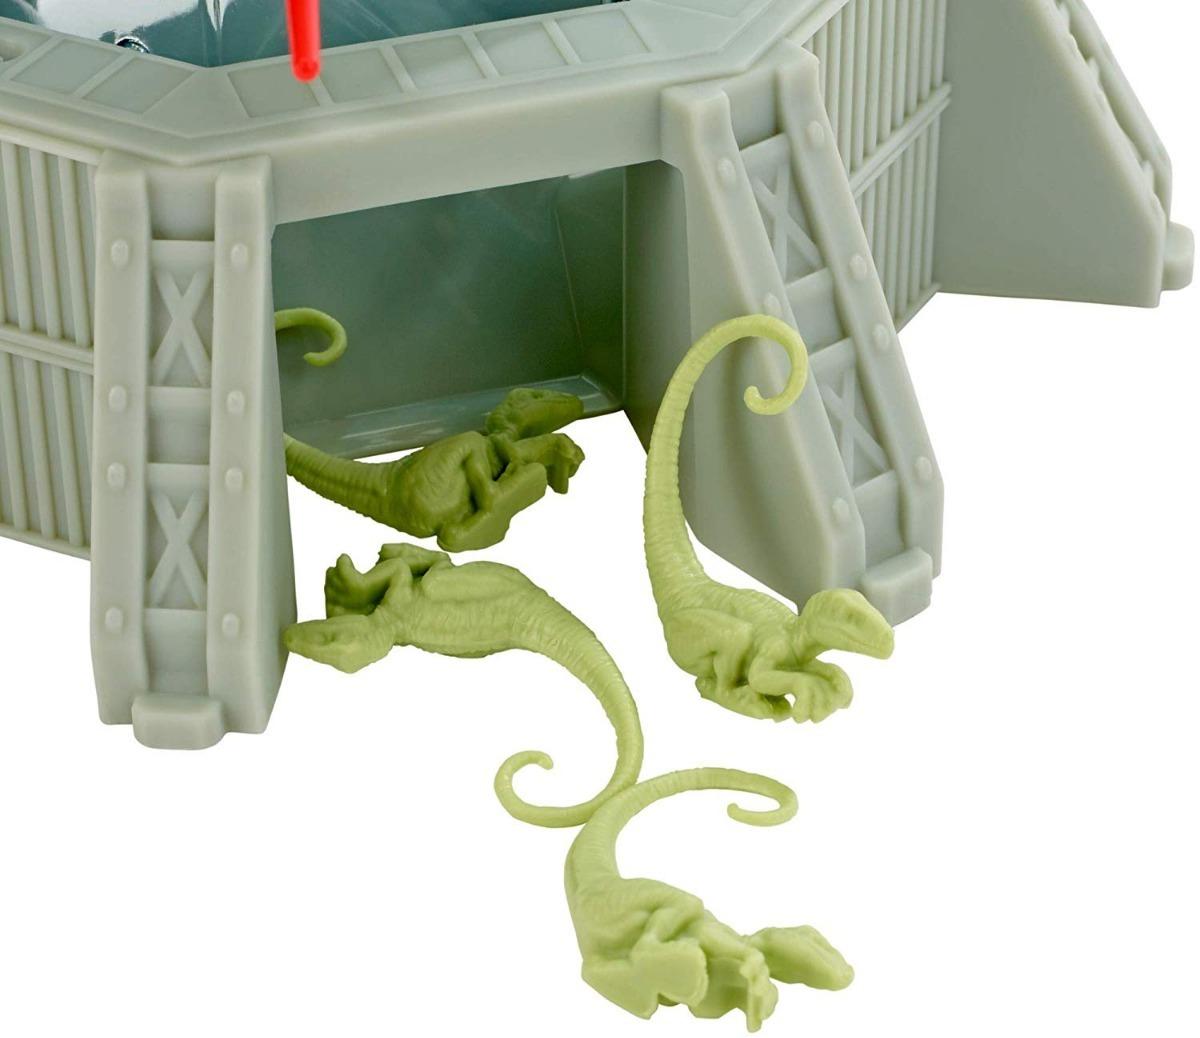 Juego De Mesa Monos Locos Mattel Raptores Jurassic Word 575 00